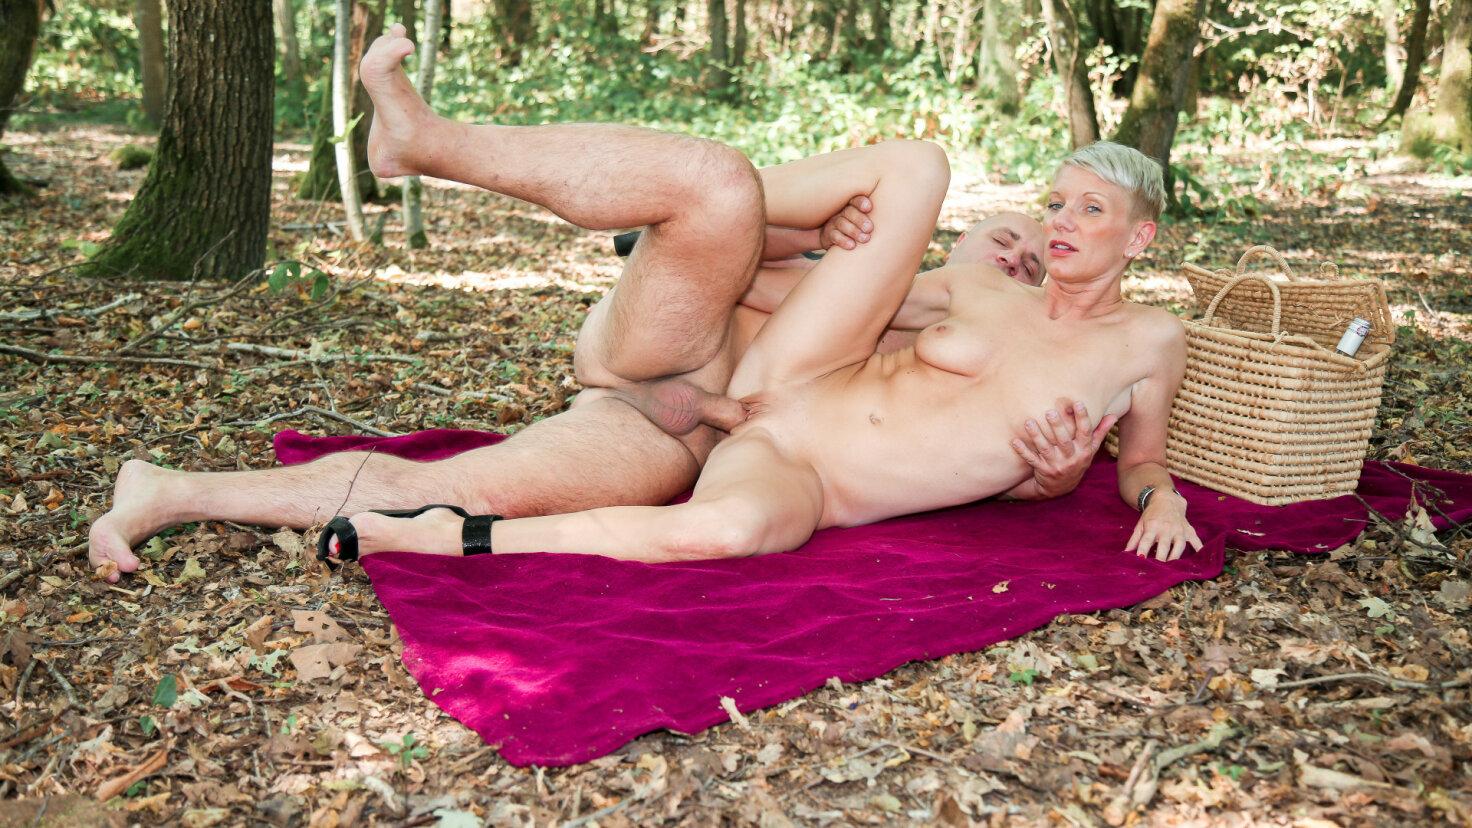 Kurzhaarige französische Amateur Blondine im Wald in den Arsch gefickt